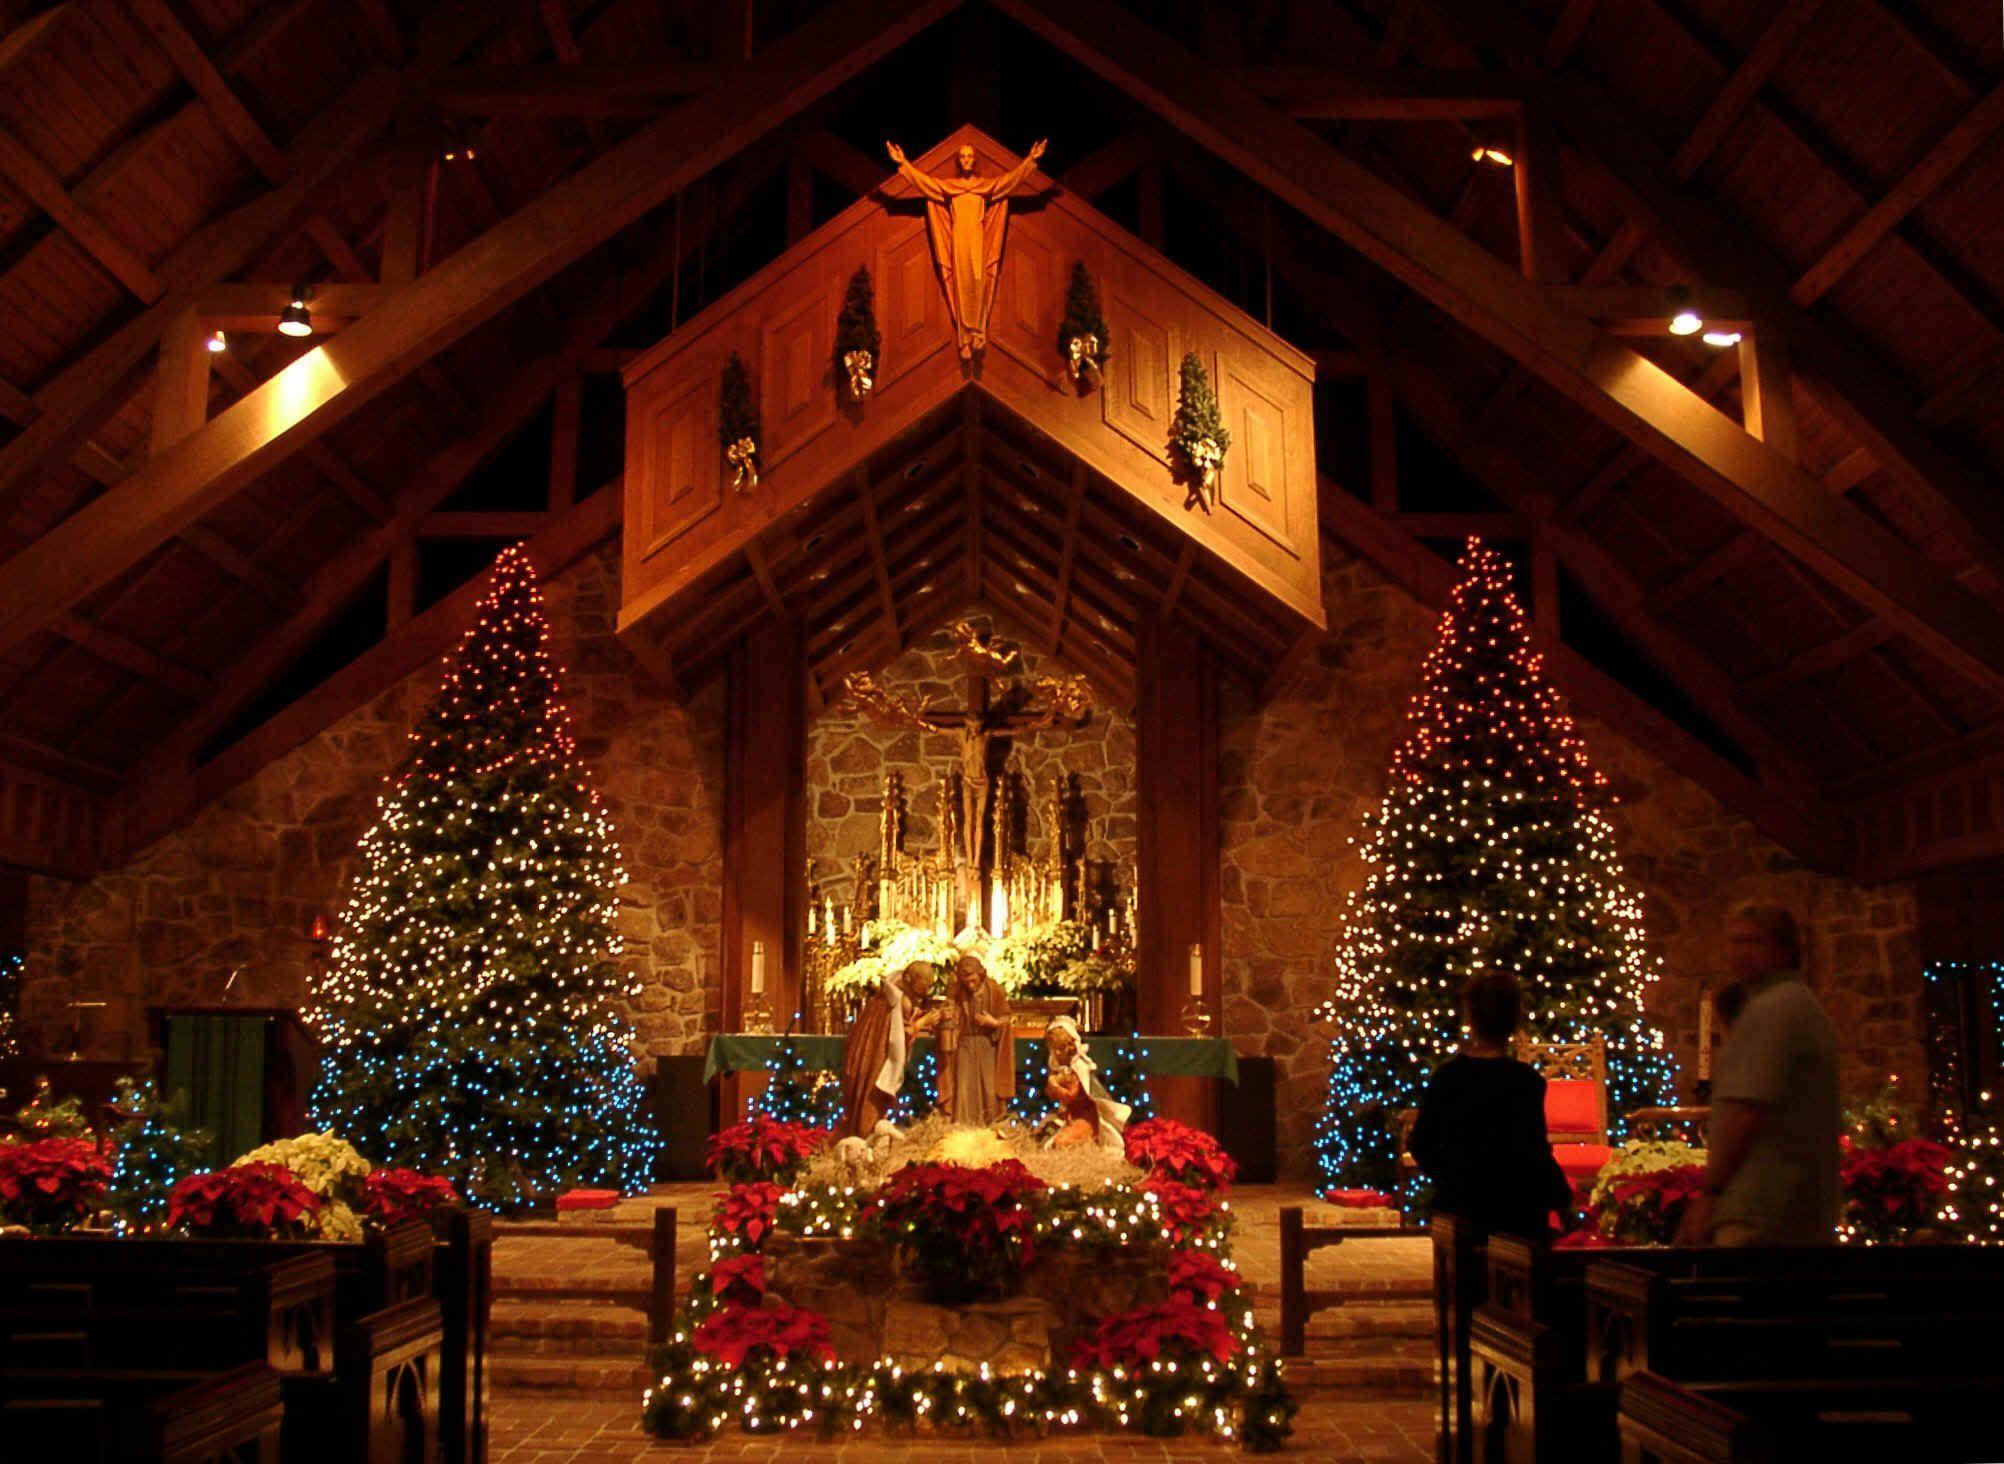 christmas at church | Church Scenes at Christmas ...